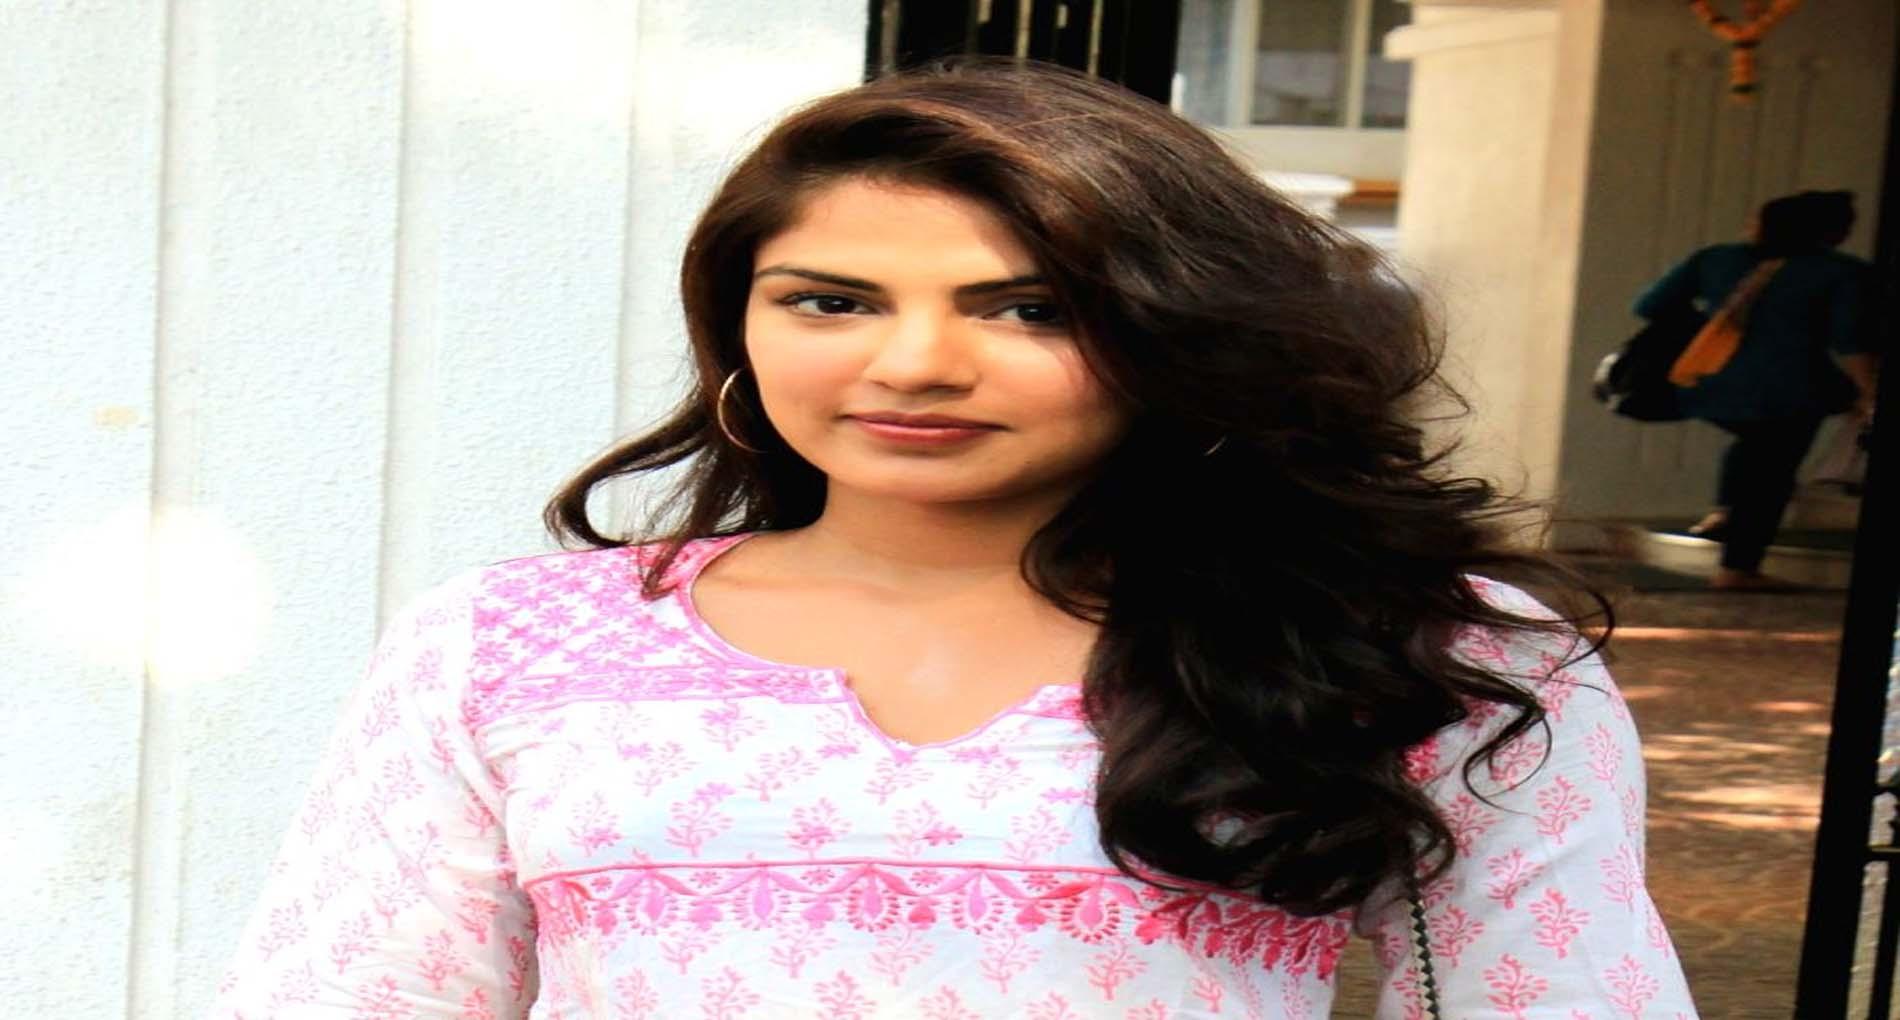 Sushant Suicide Case: FIR के बाद रिया चक्रवर्ती ने आधी रात को परिवार के साथ छोड़ा घर!